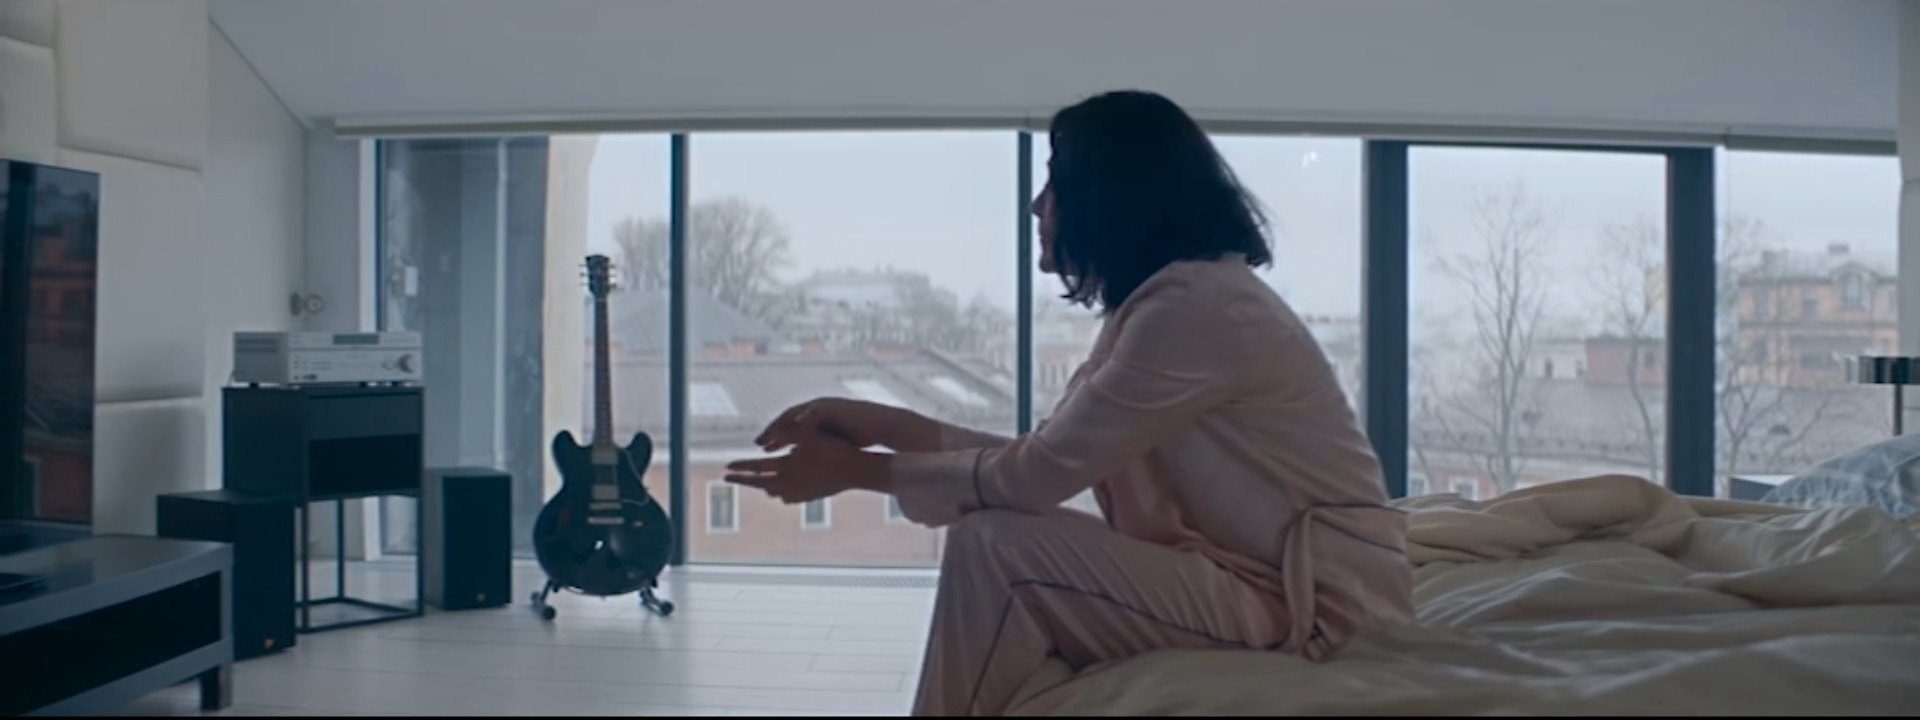 INTERIORS IN MUSIC VIDEOS